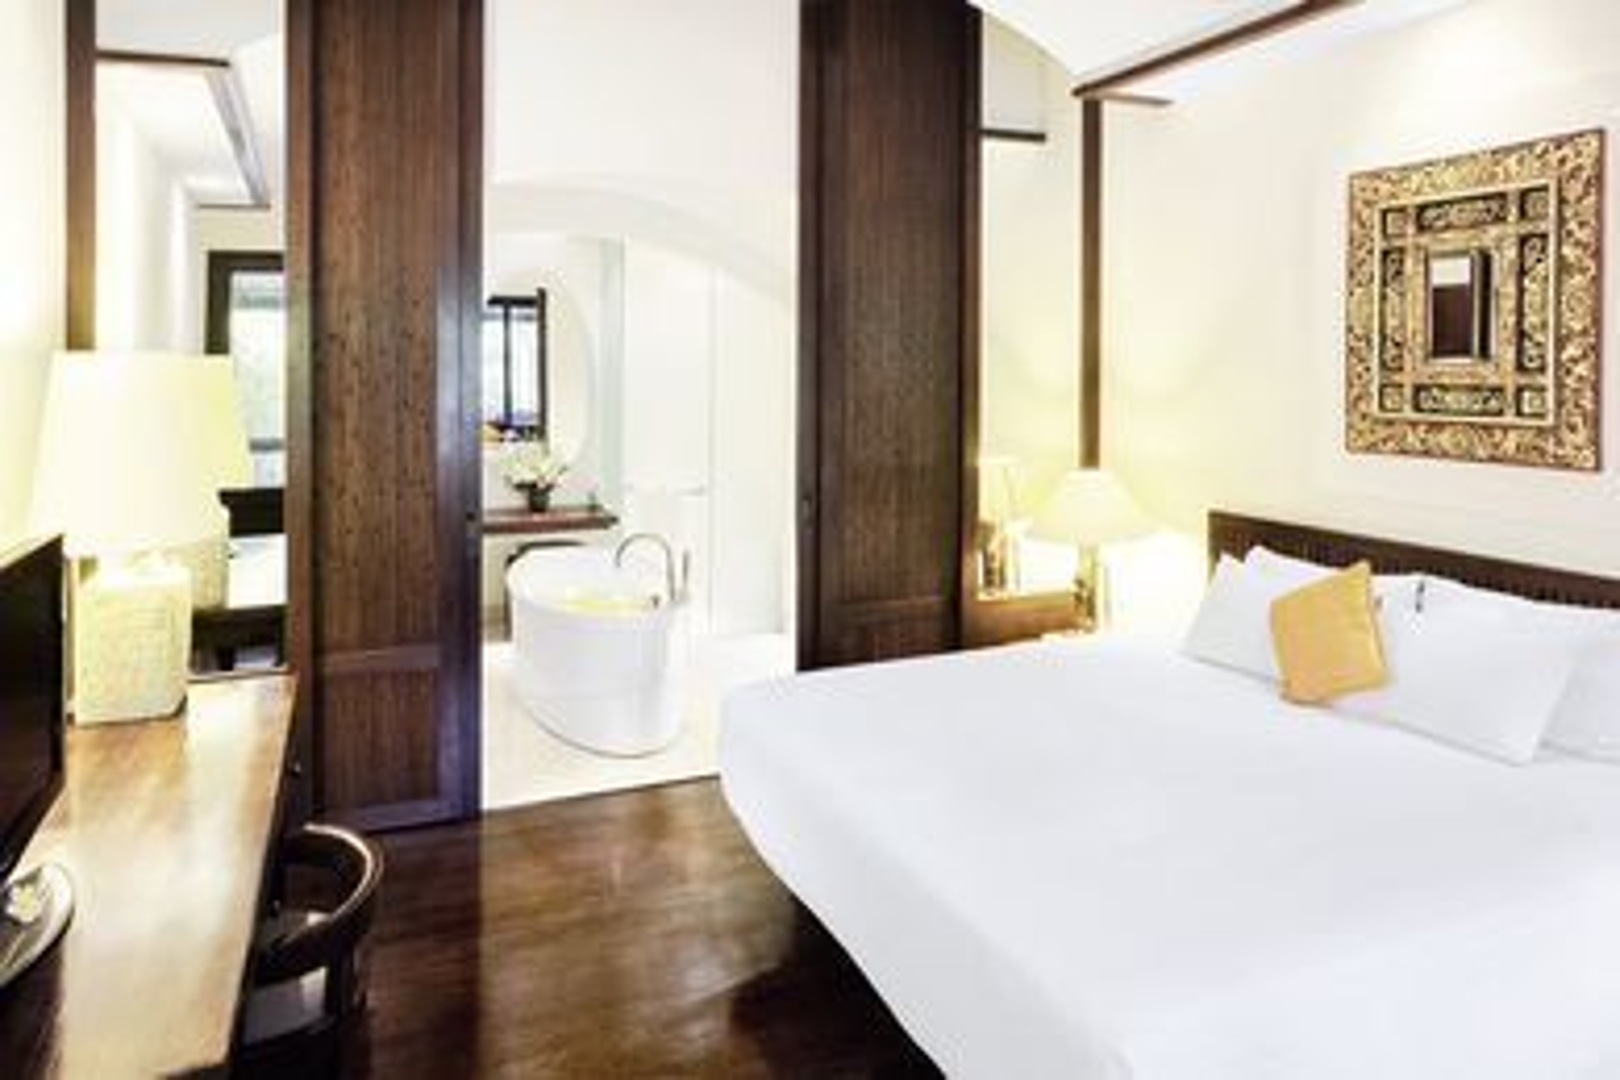 Bali - Indonésie - Hôtel Novotel Bali Benoa 4*